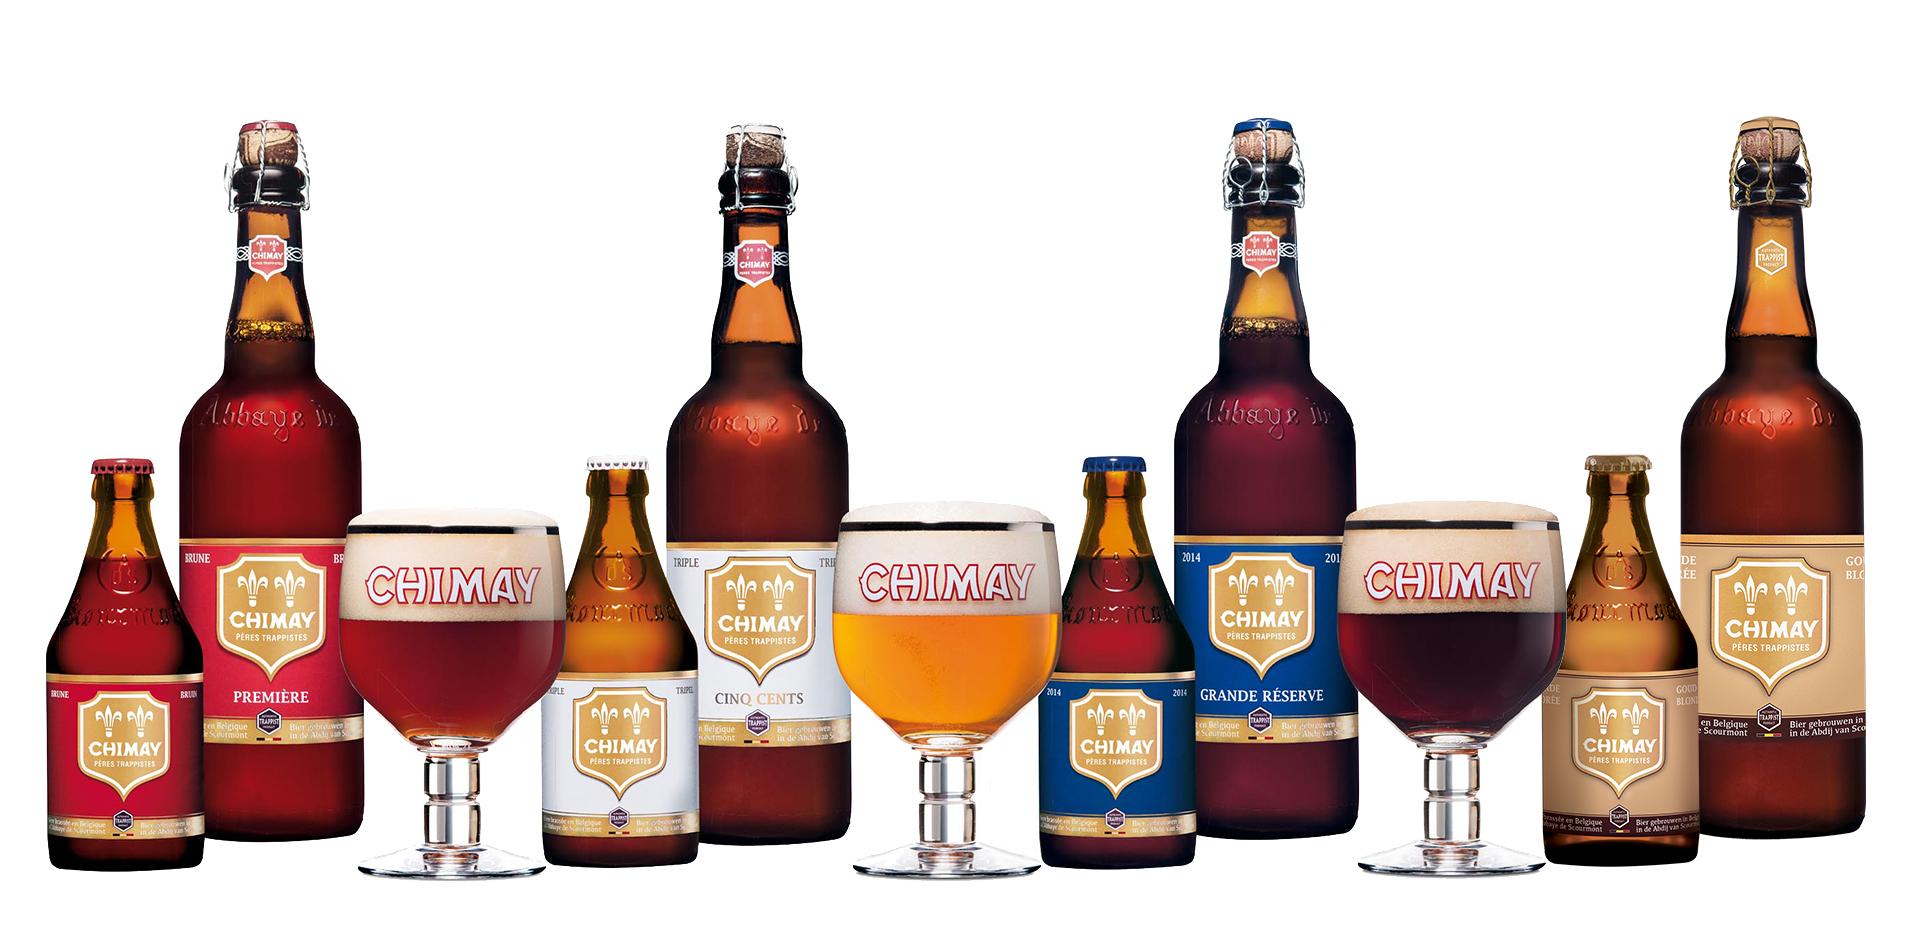 nectar-utrecht-pils-bier-brouwerij-belgië-chimay-assortiment